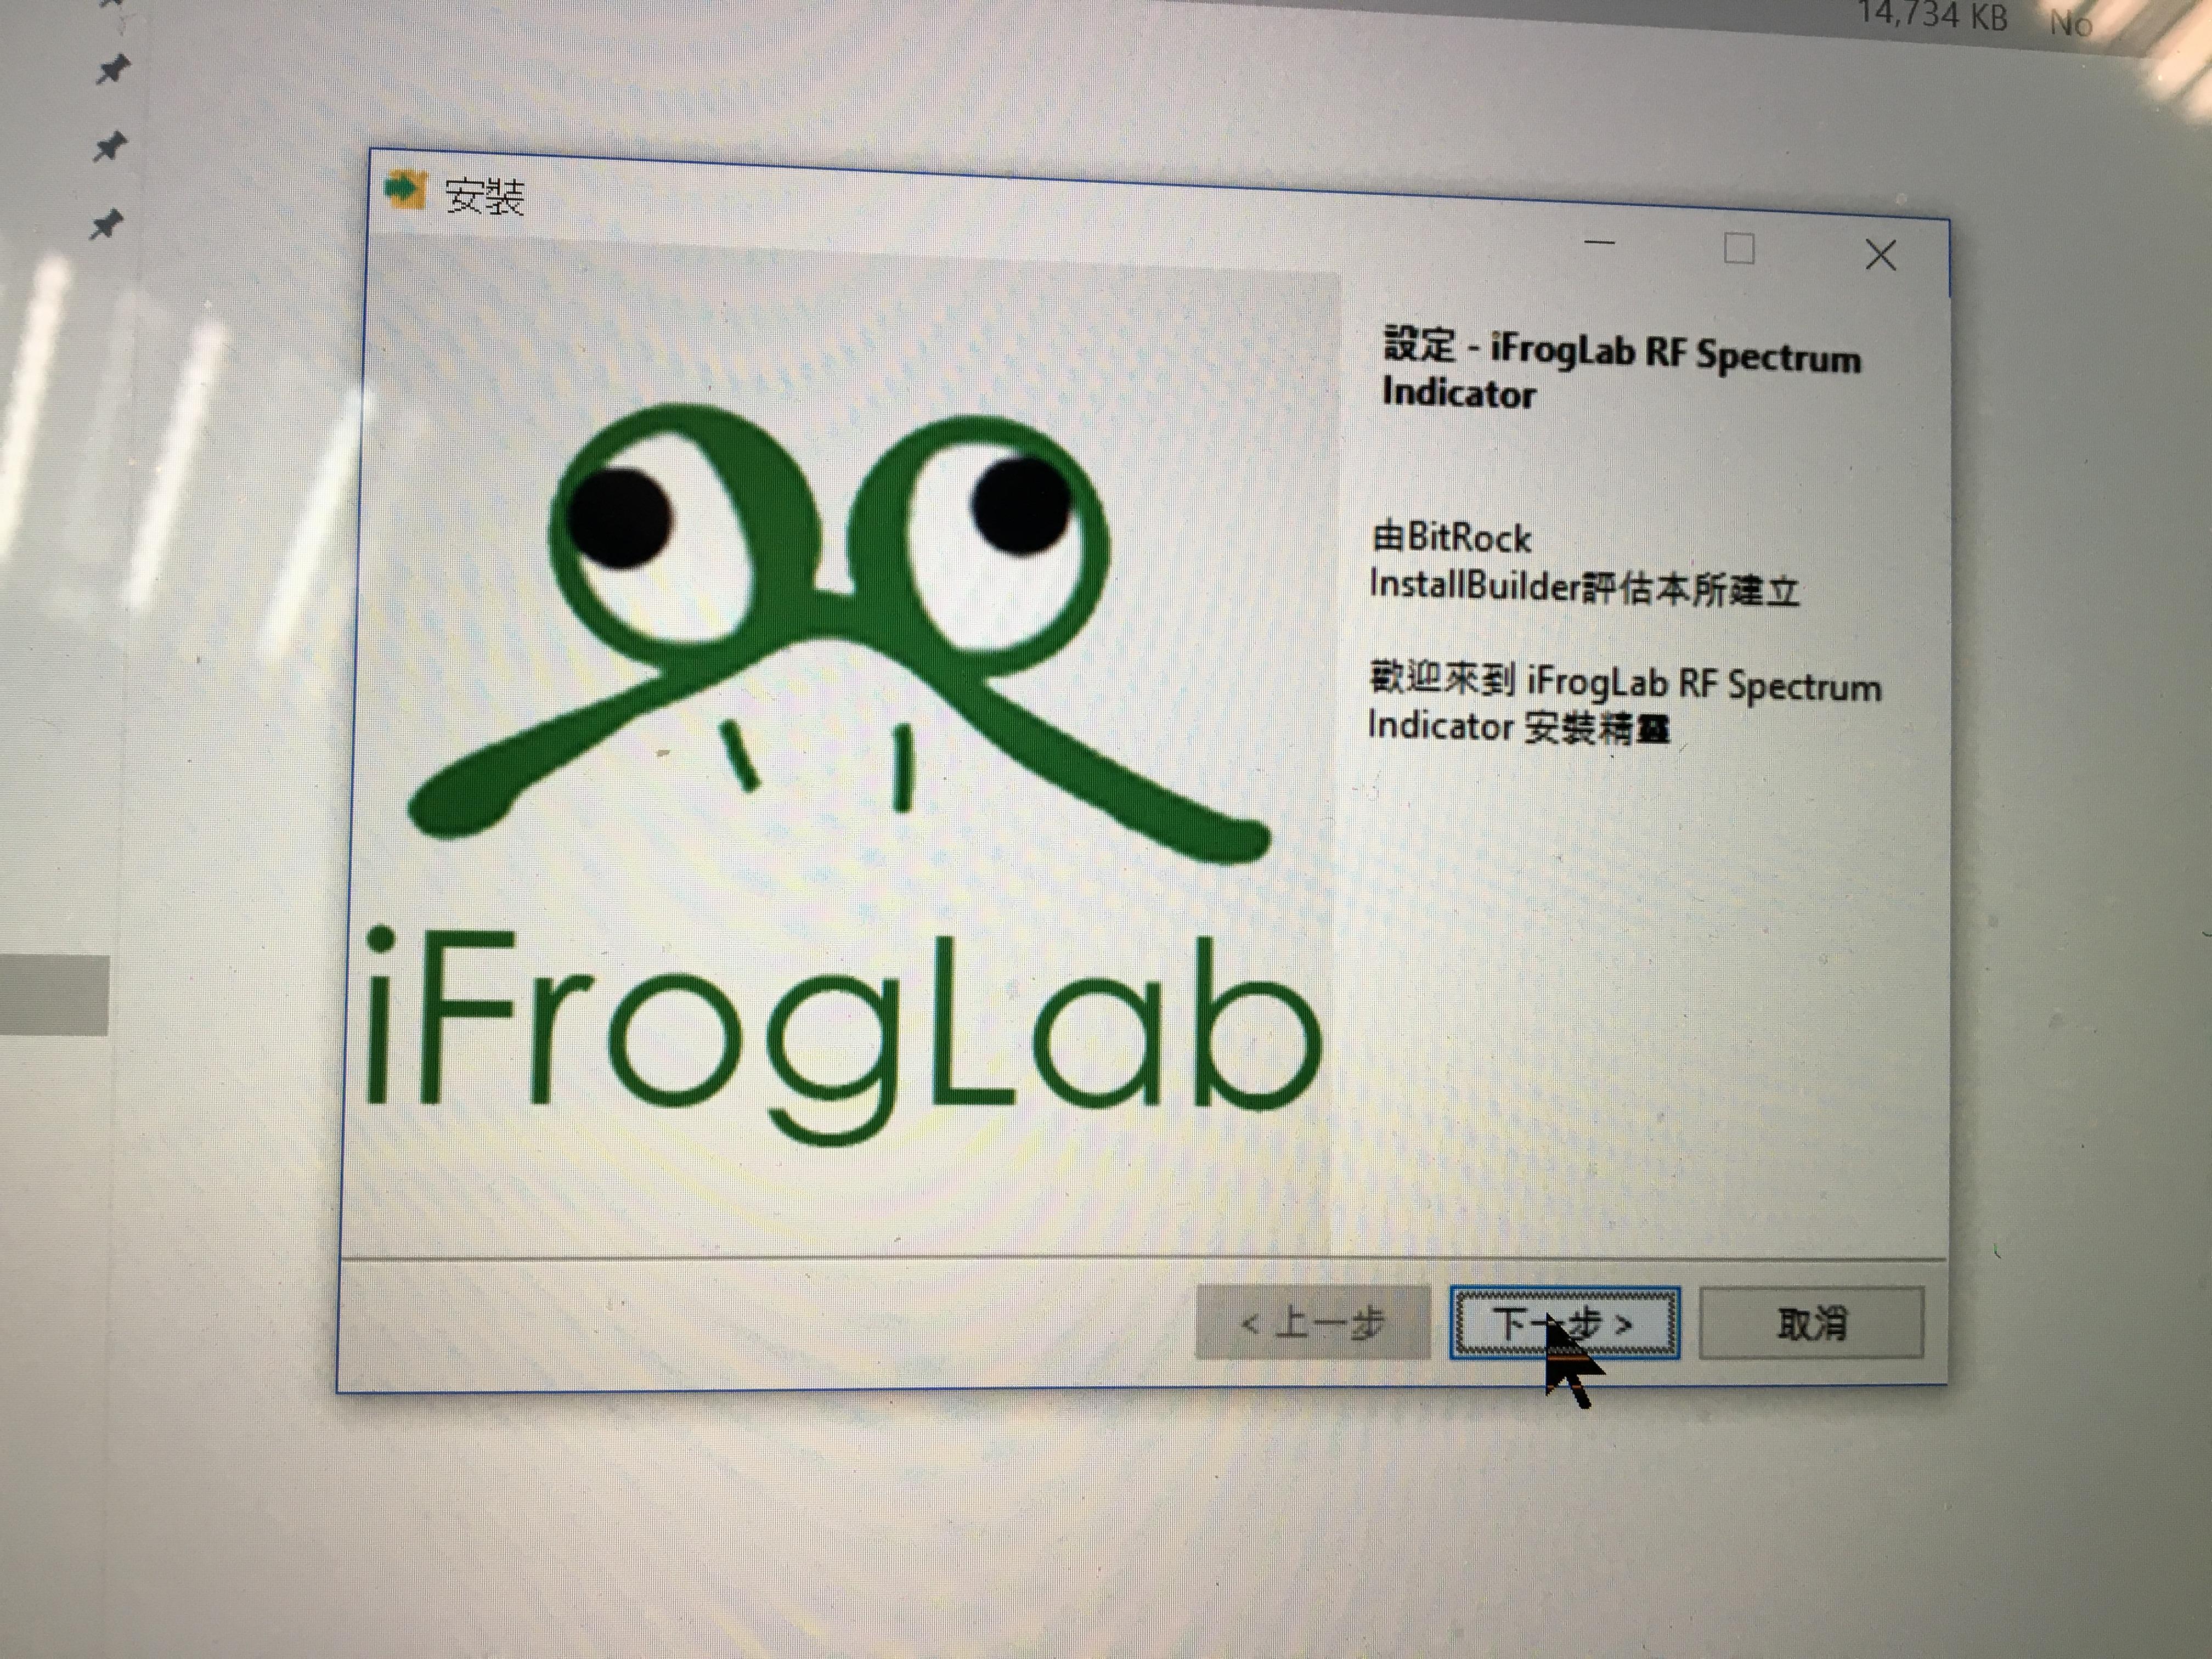 iFrogLab | iFrogLab 2 4G Spectrum Analyzer USB dongle